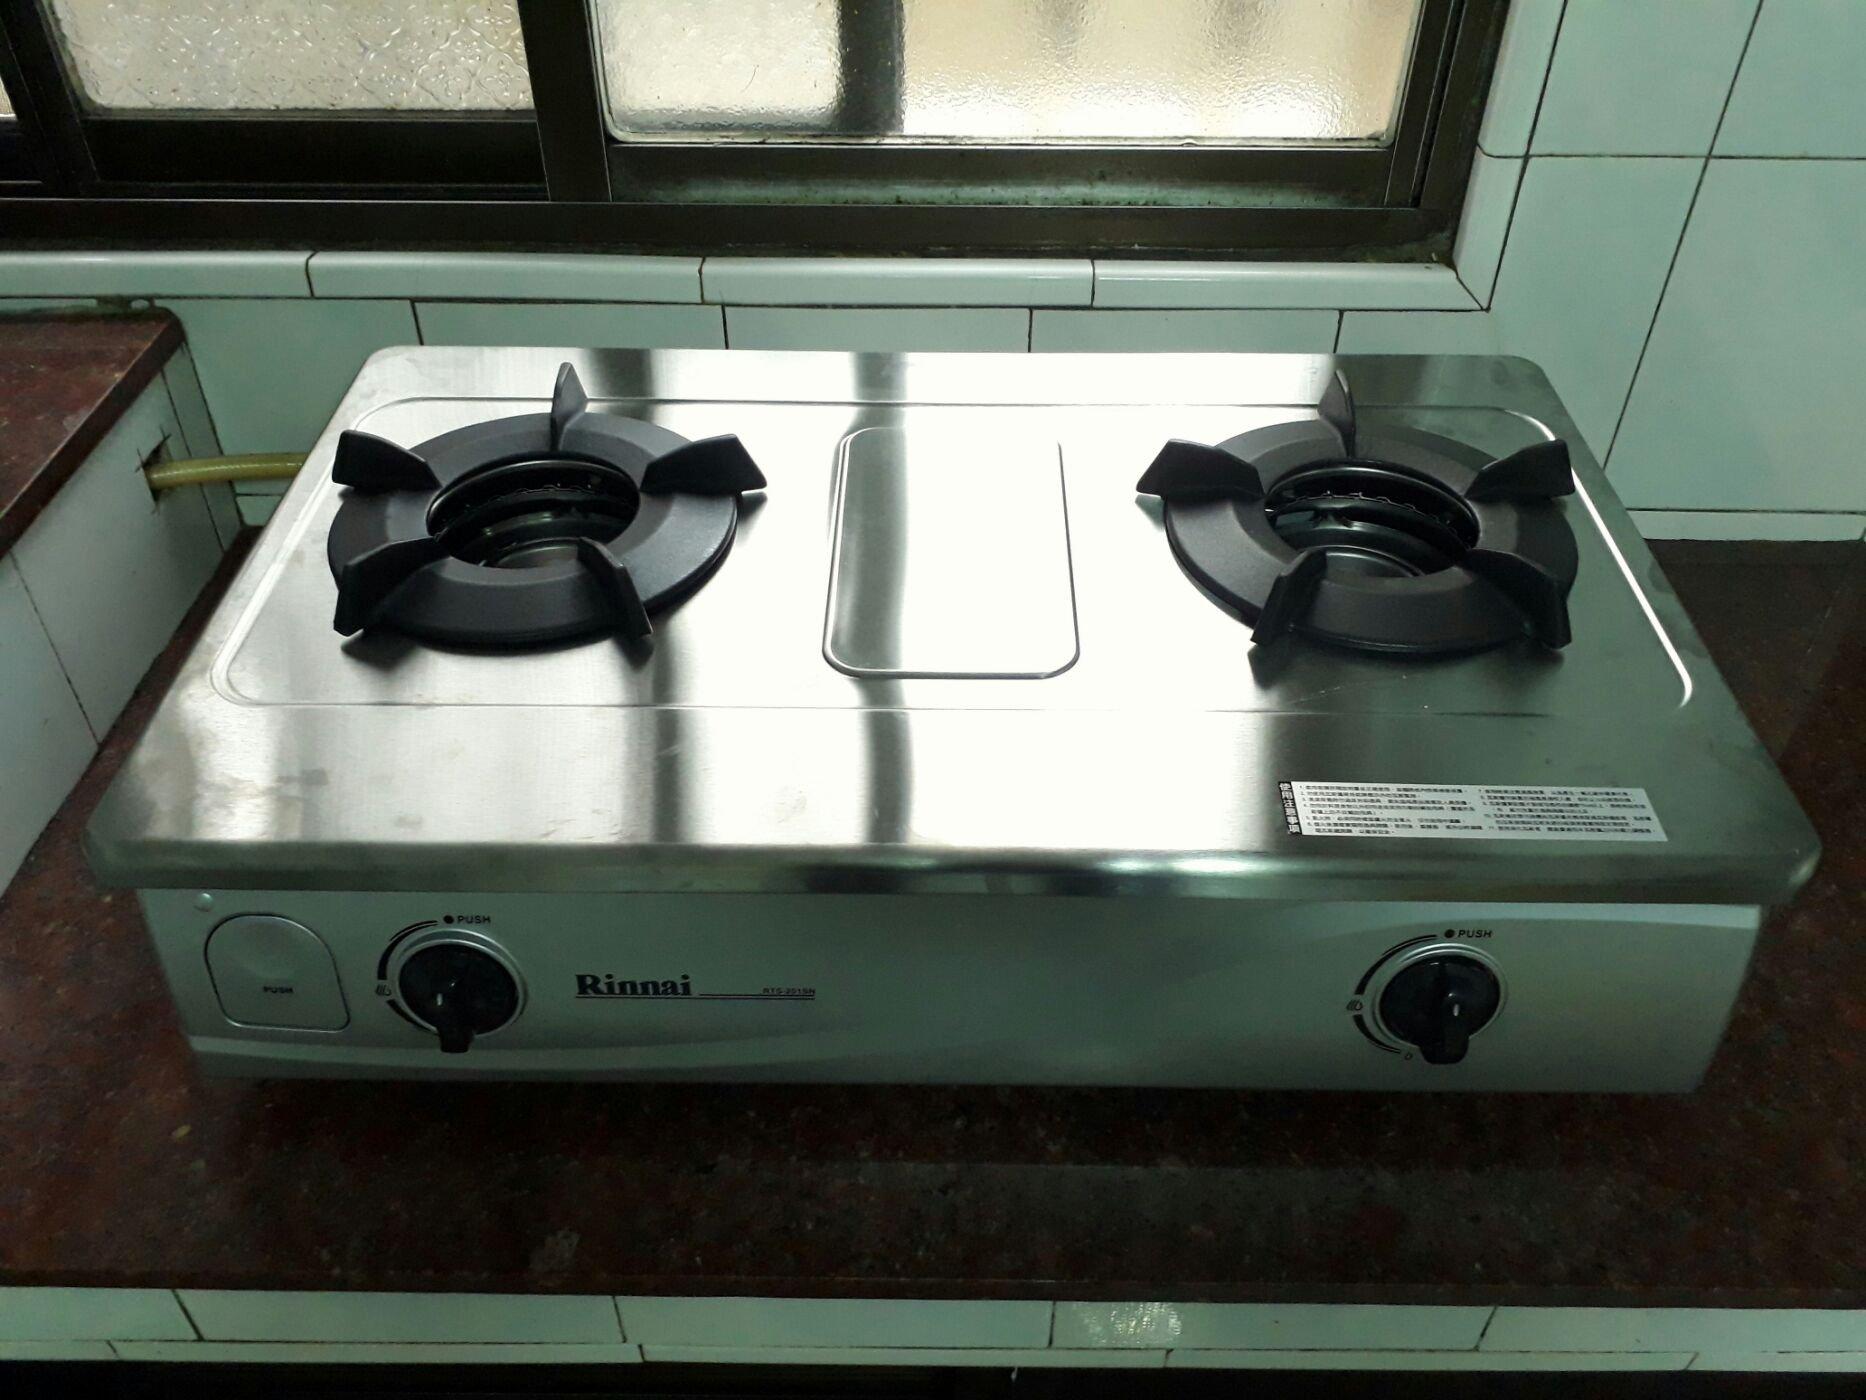 高雄台南《J工坊》林內RTS-201SN內焰雙口瓦斯爐 技術士證照